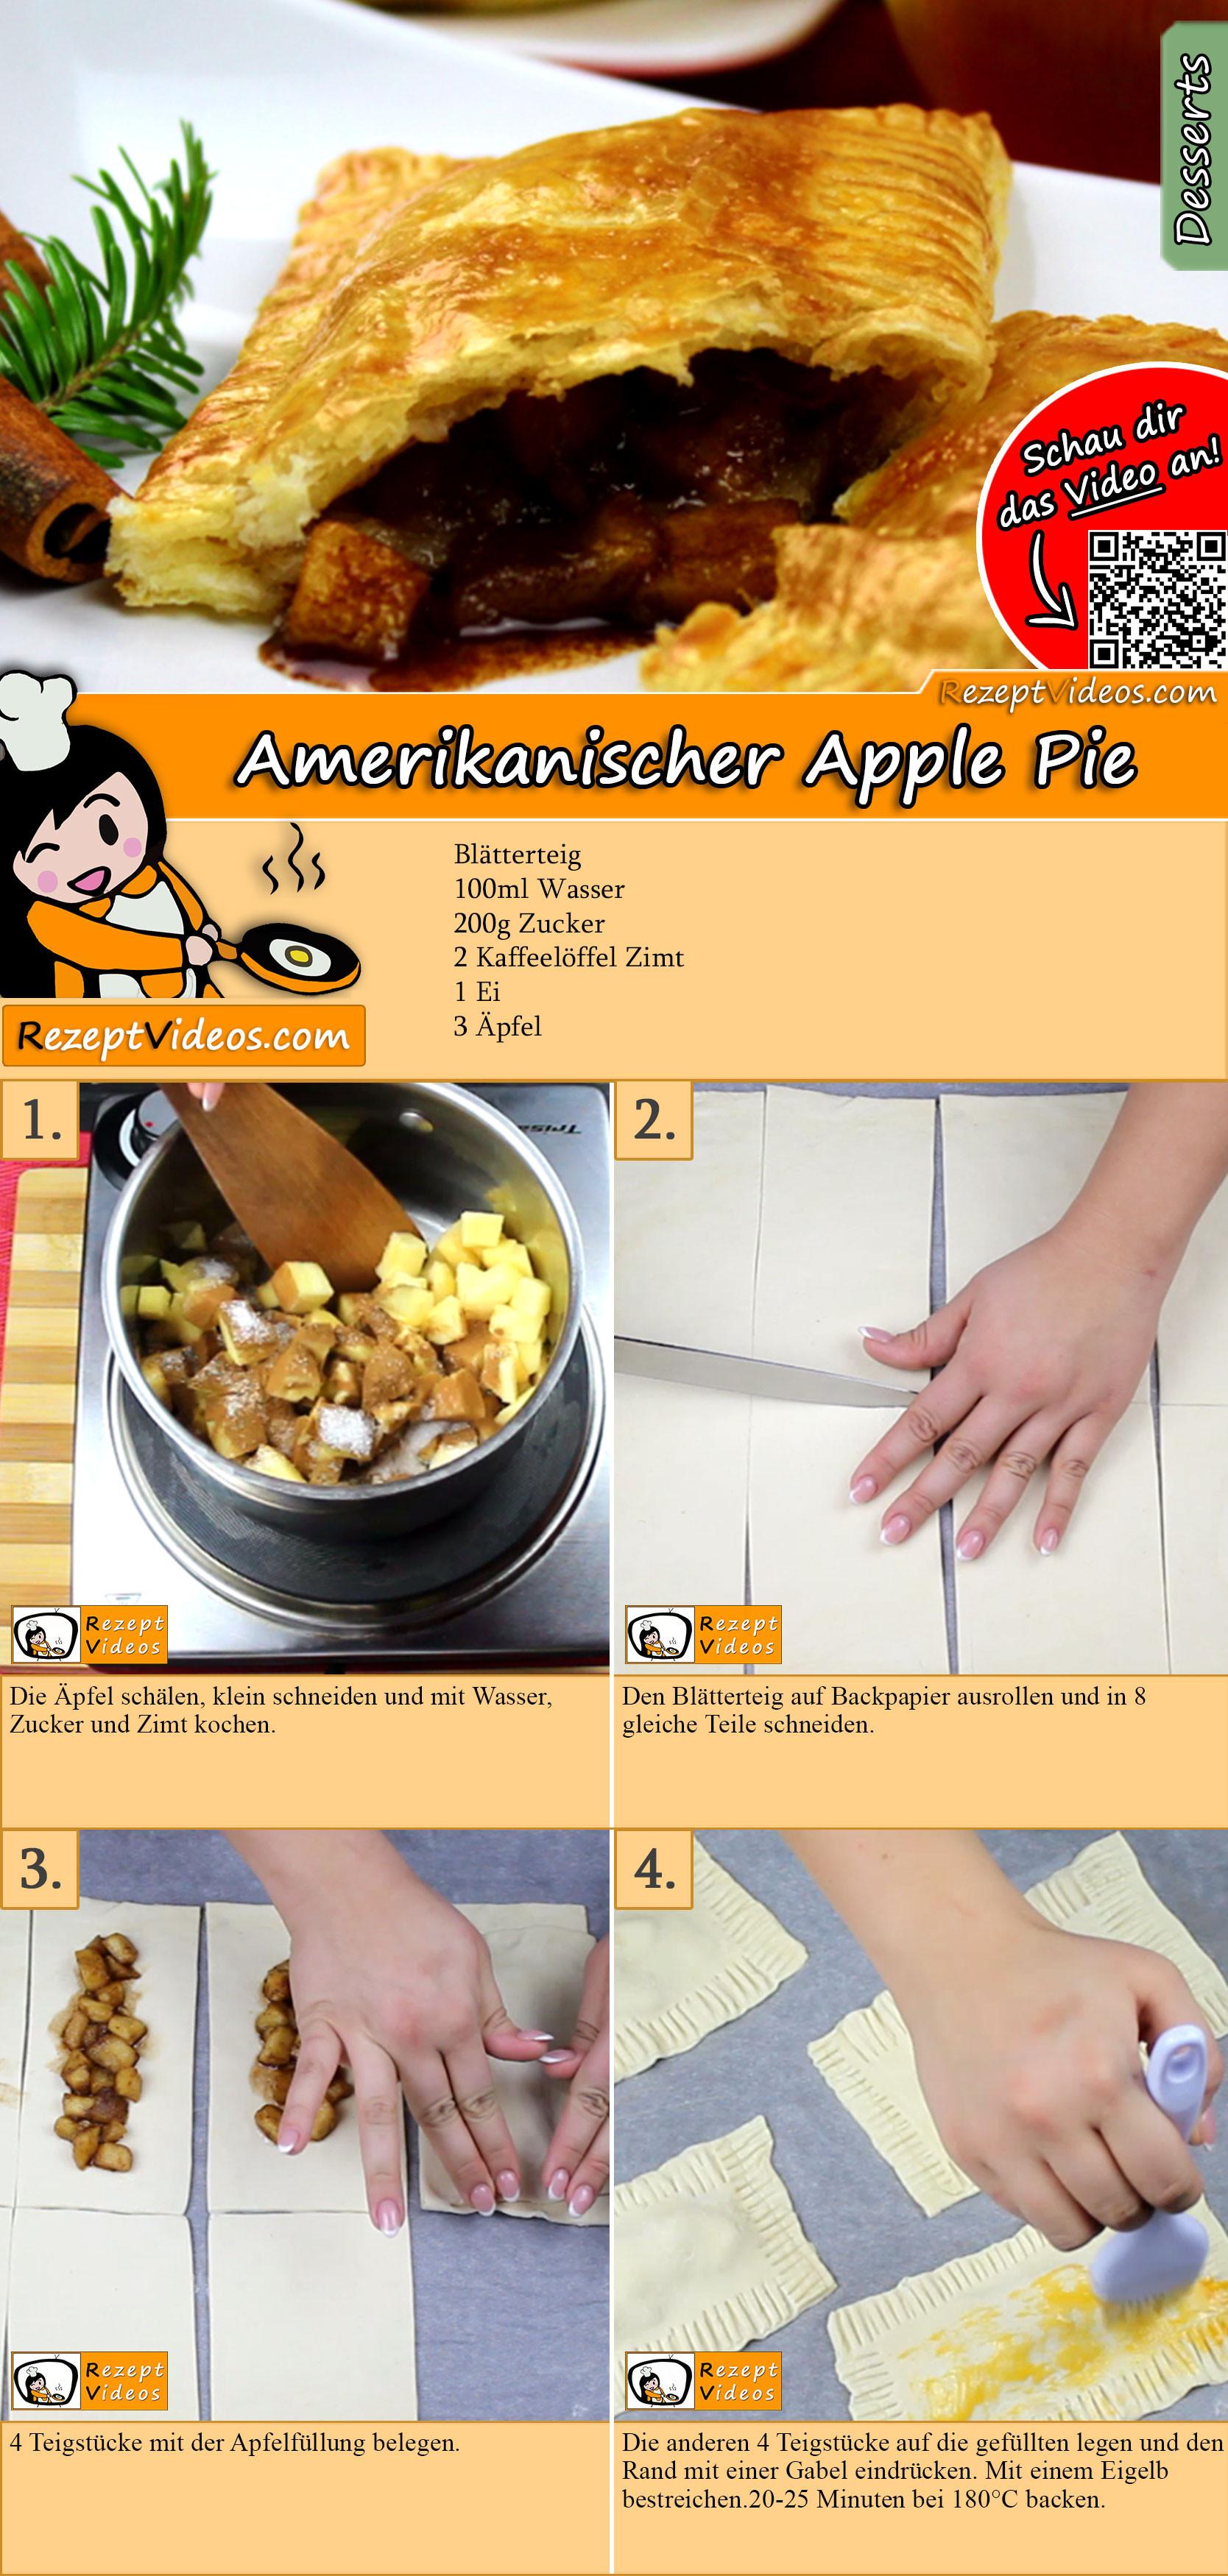 Amerikanischer Apple Pie Rezept mit Video